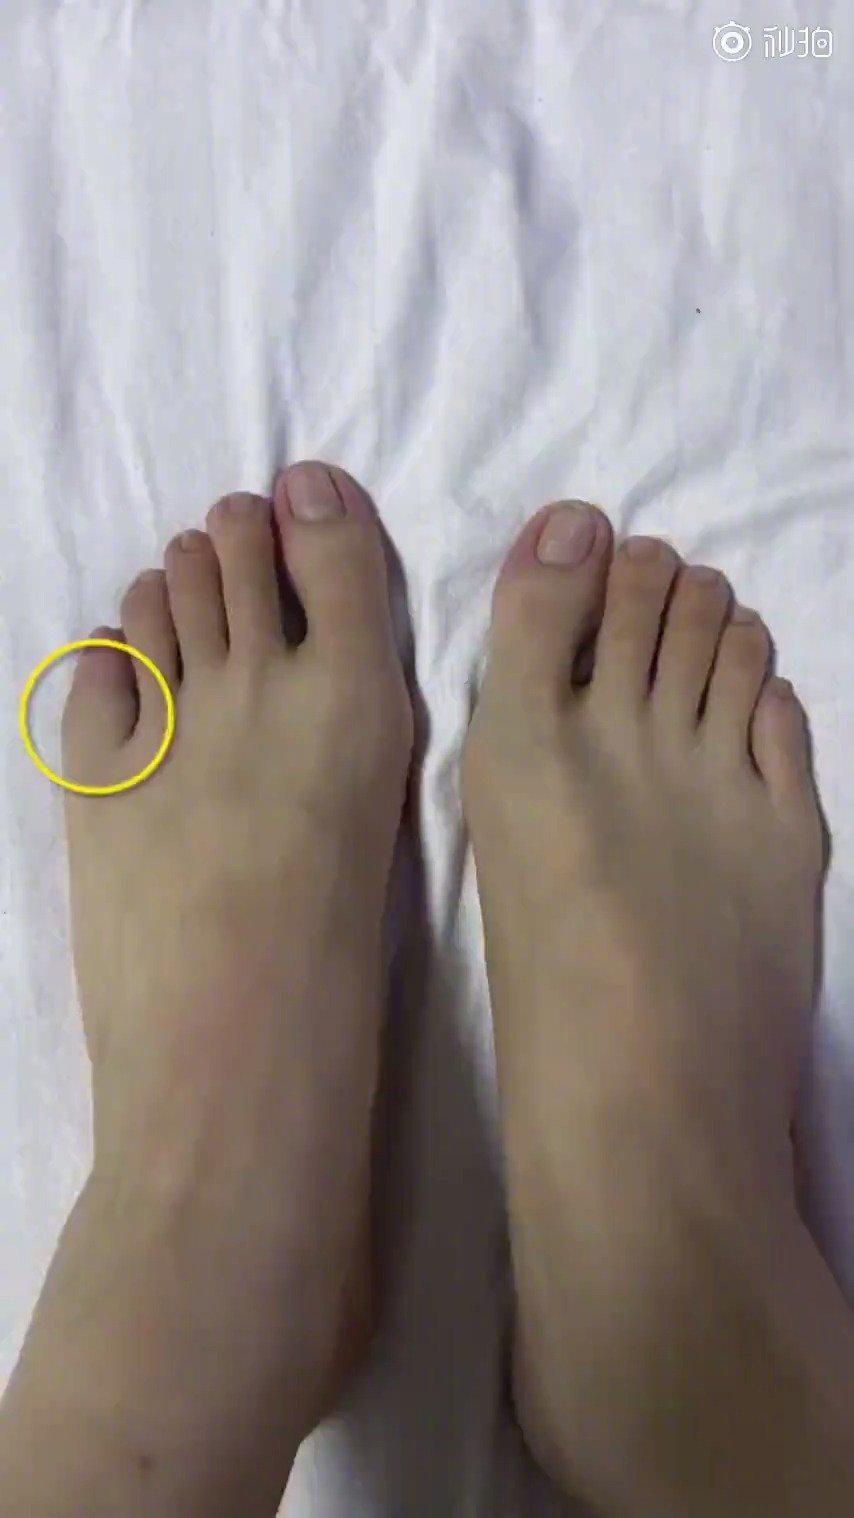 女子称脚趾被咬肿胀两年竟要切除:骨巨细胞瘤